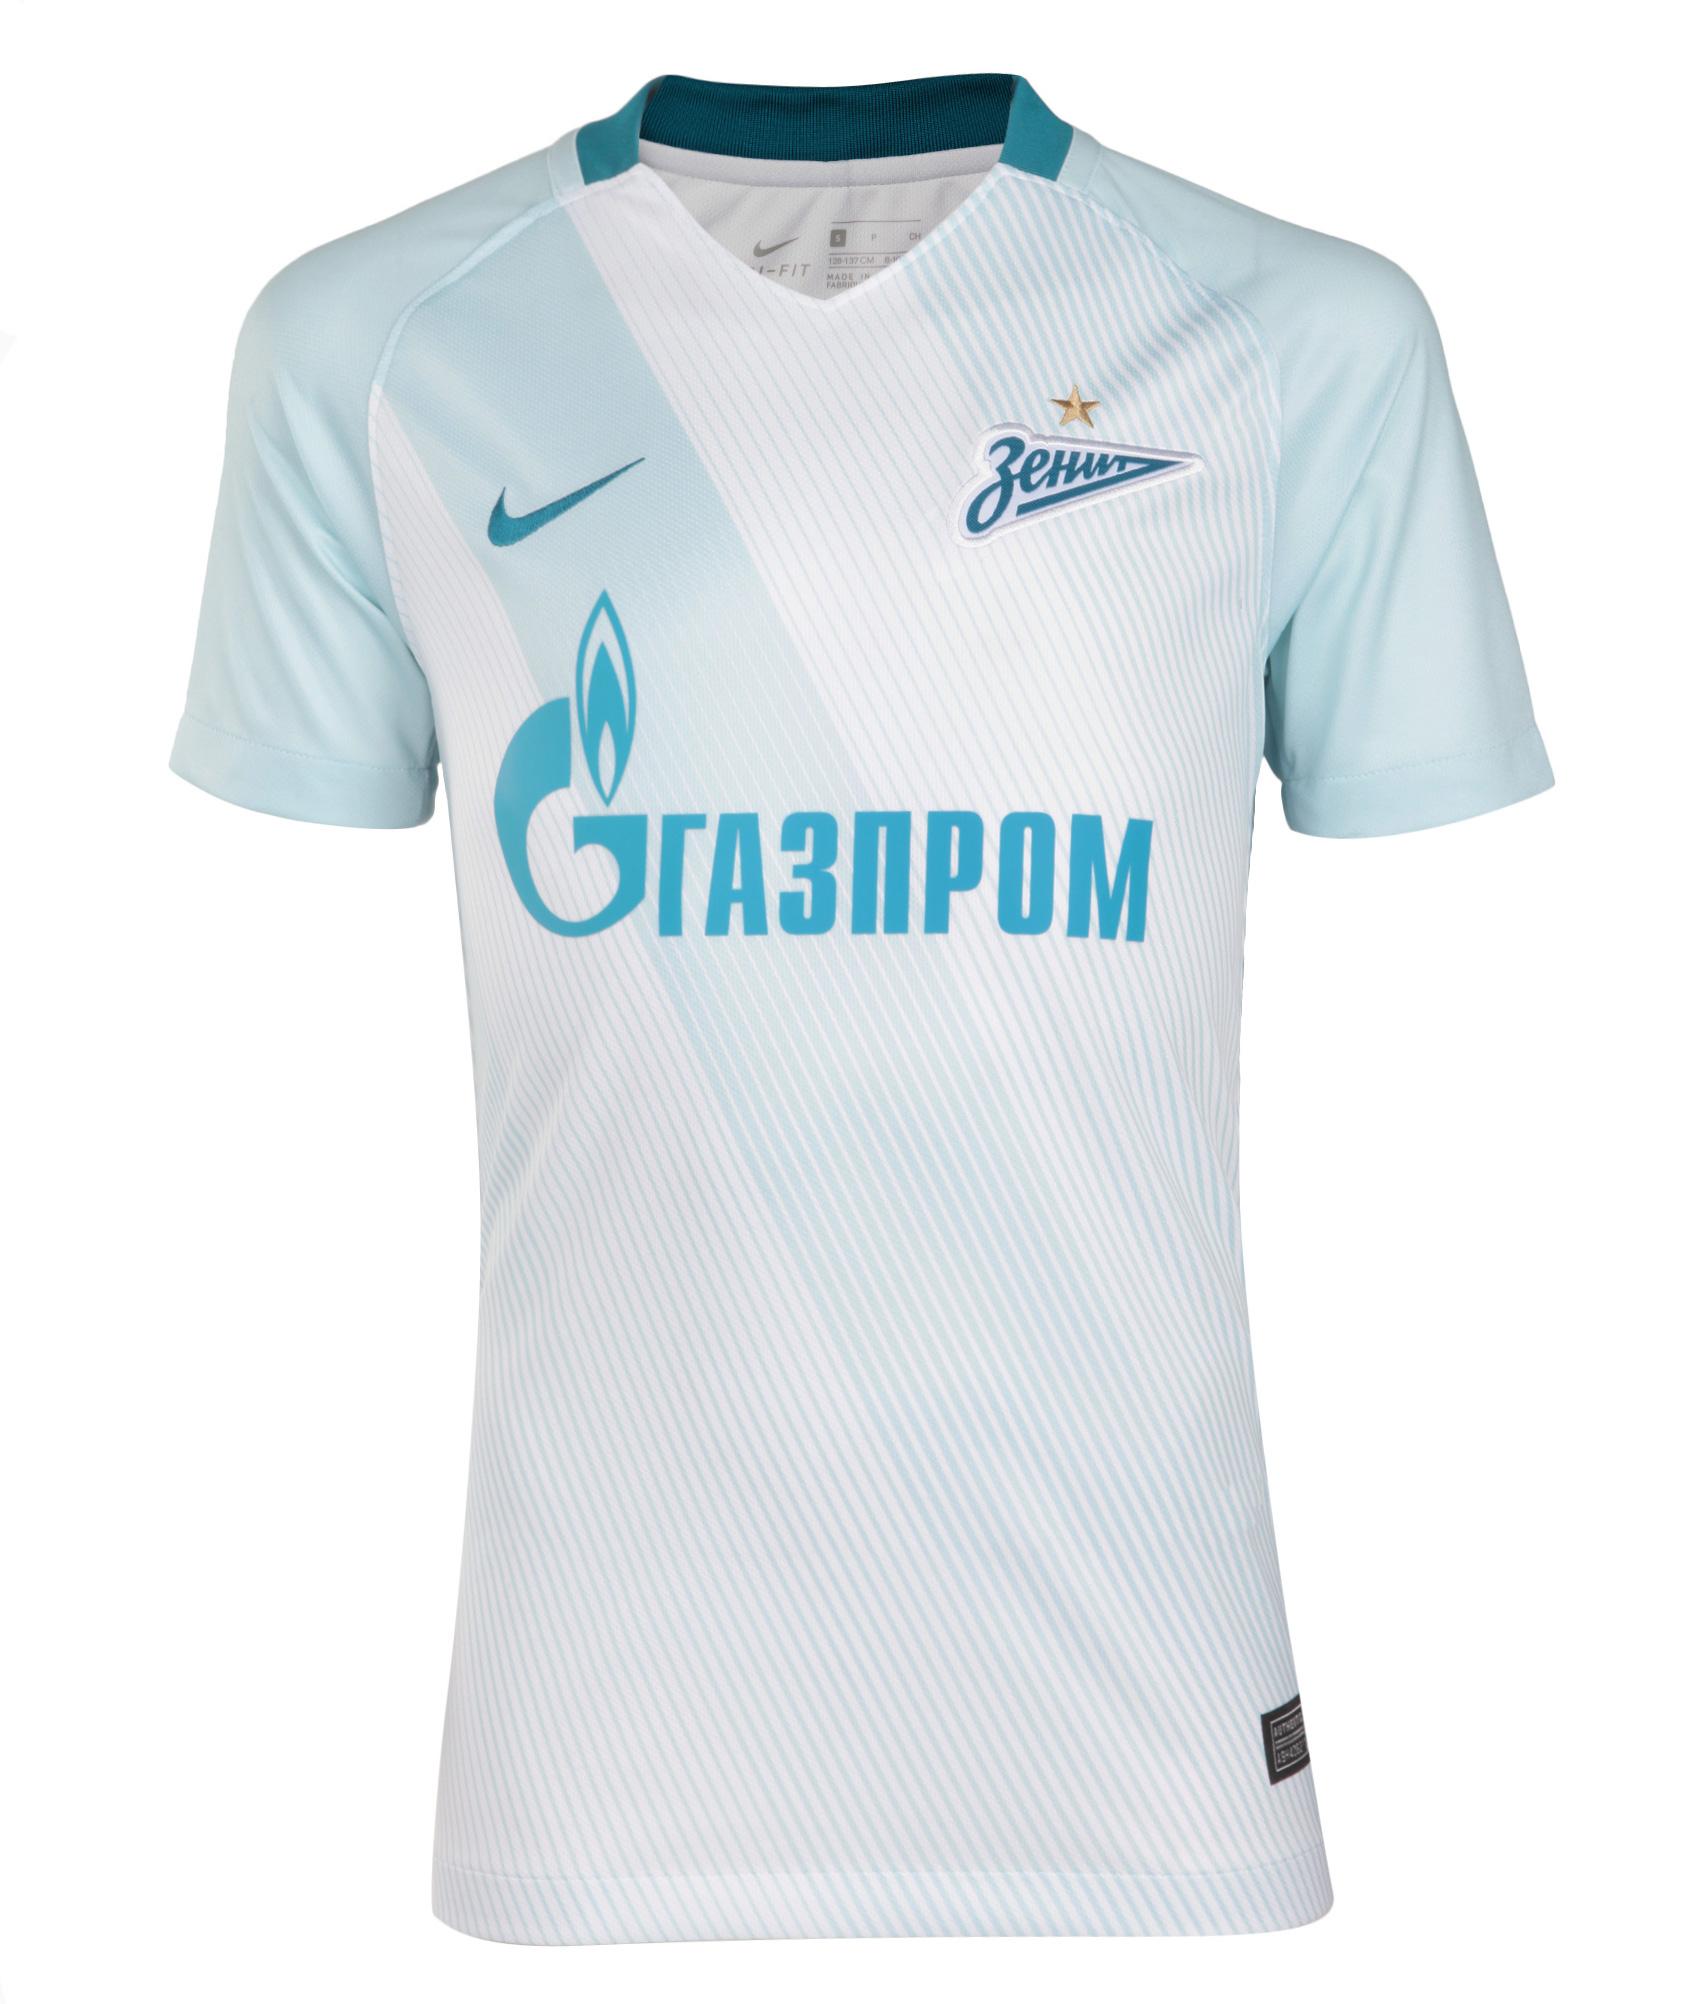 Оригинальная выездная подростковая футболка , Цвет-Белый, Размер-L игровая выездная футболка цвет белый размер l